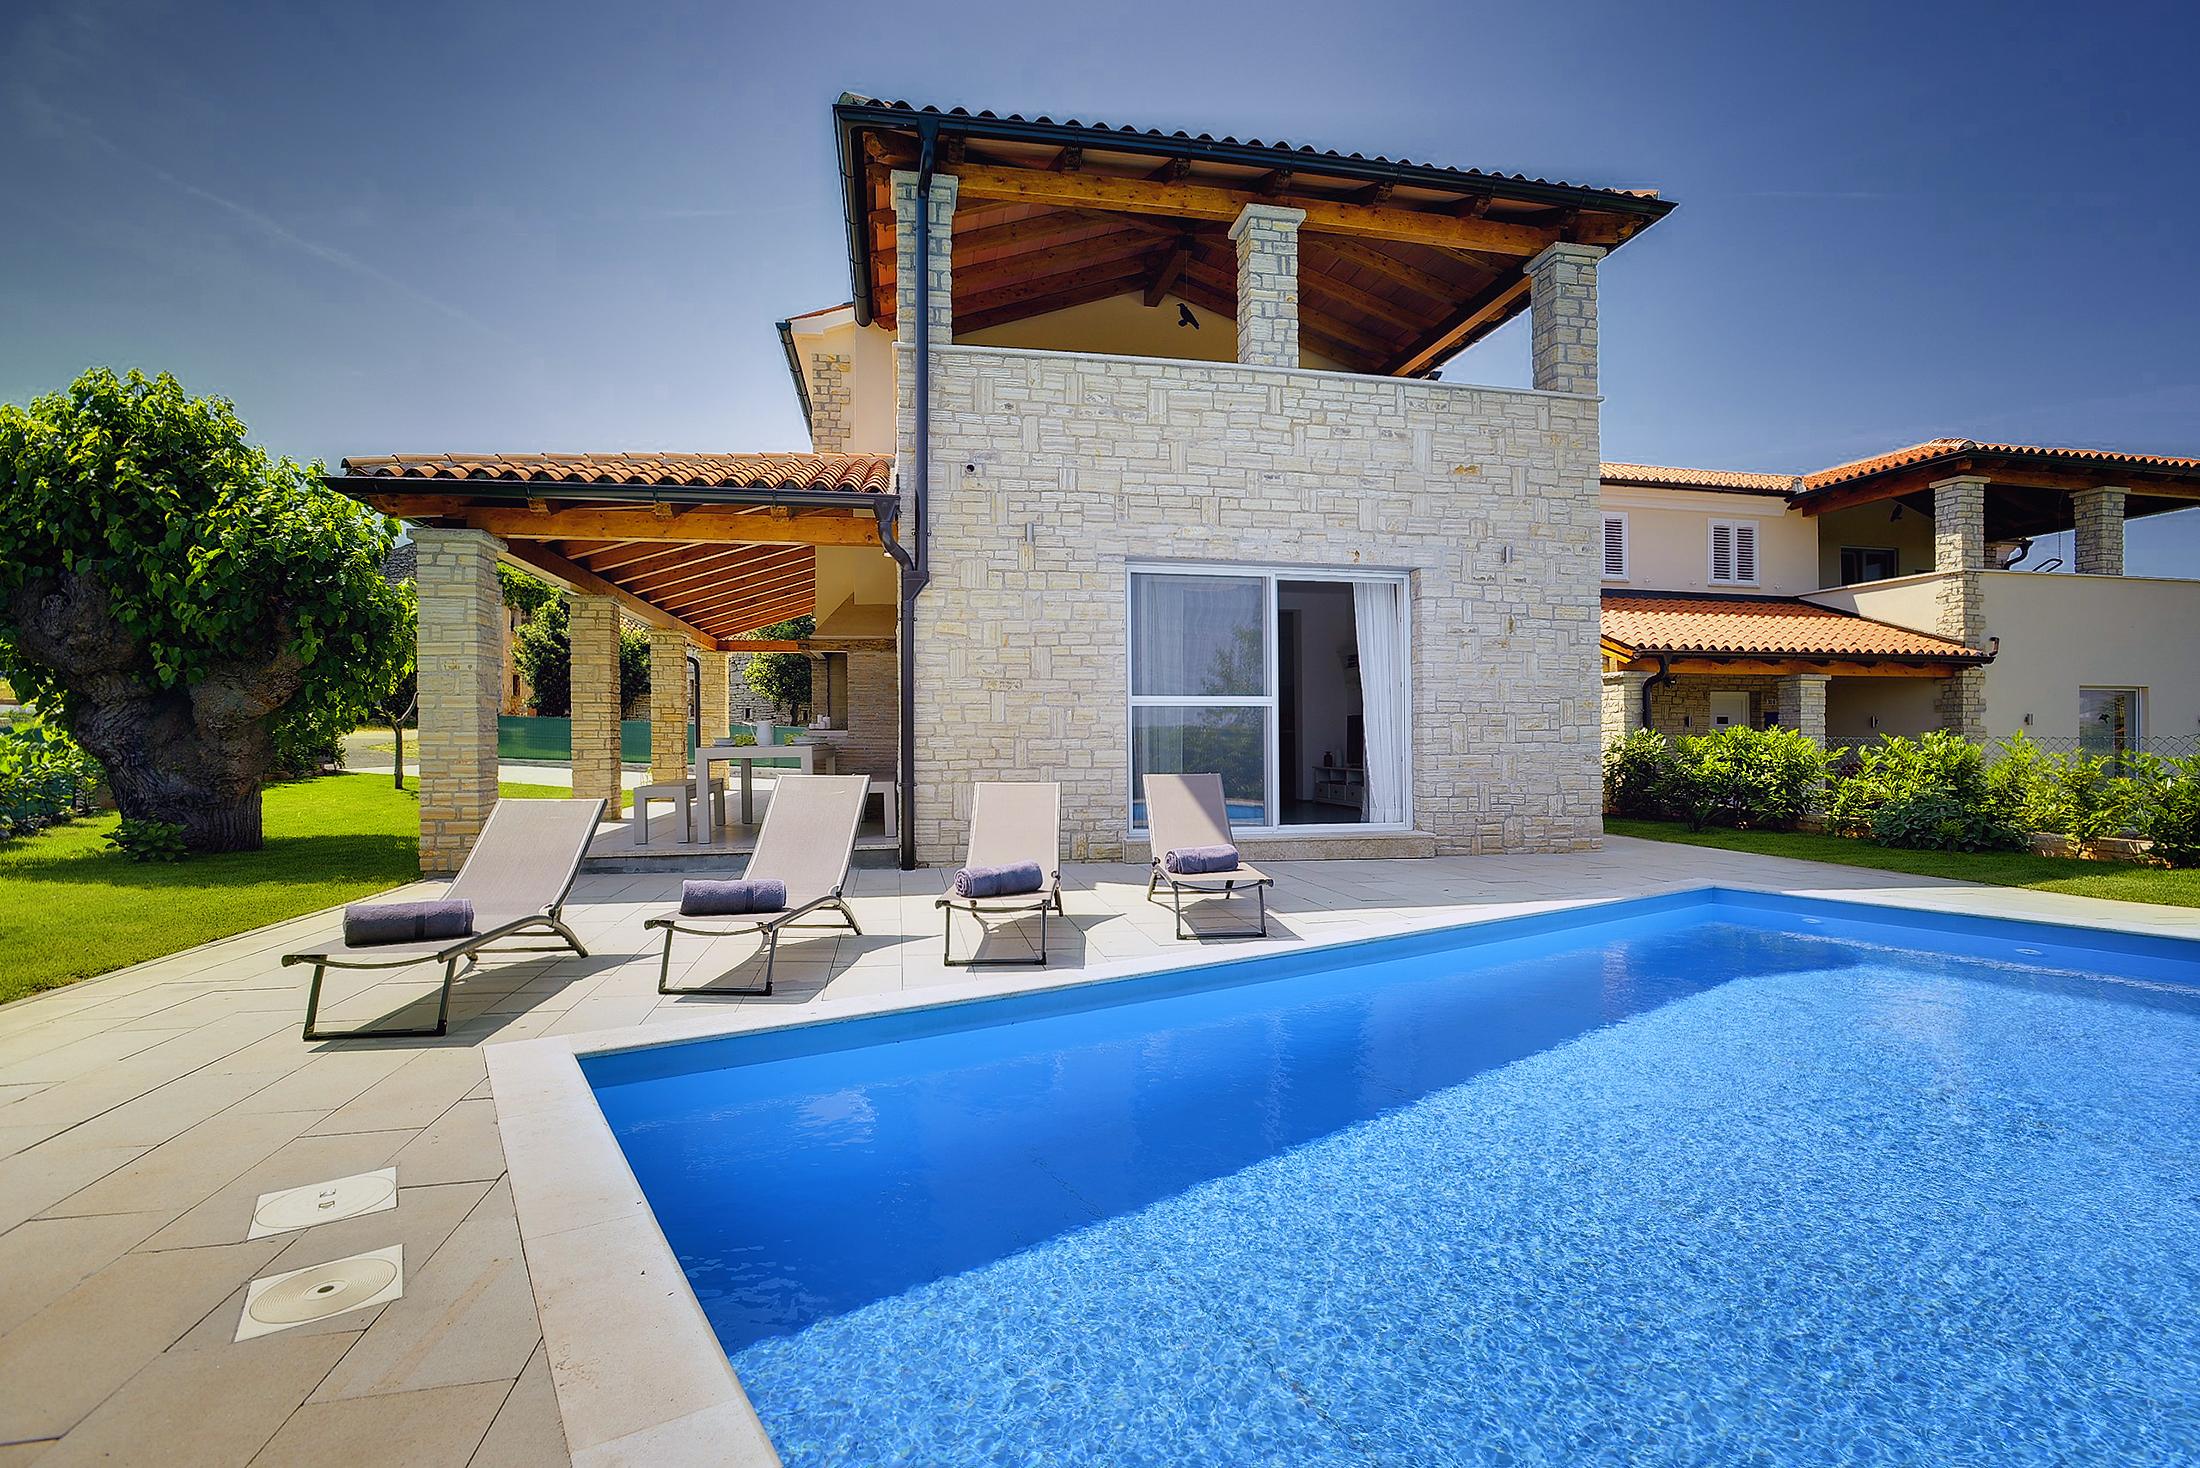 Prenotate questa moderna villa con piscina terrazza e for Piani di costruzione casa moderna